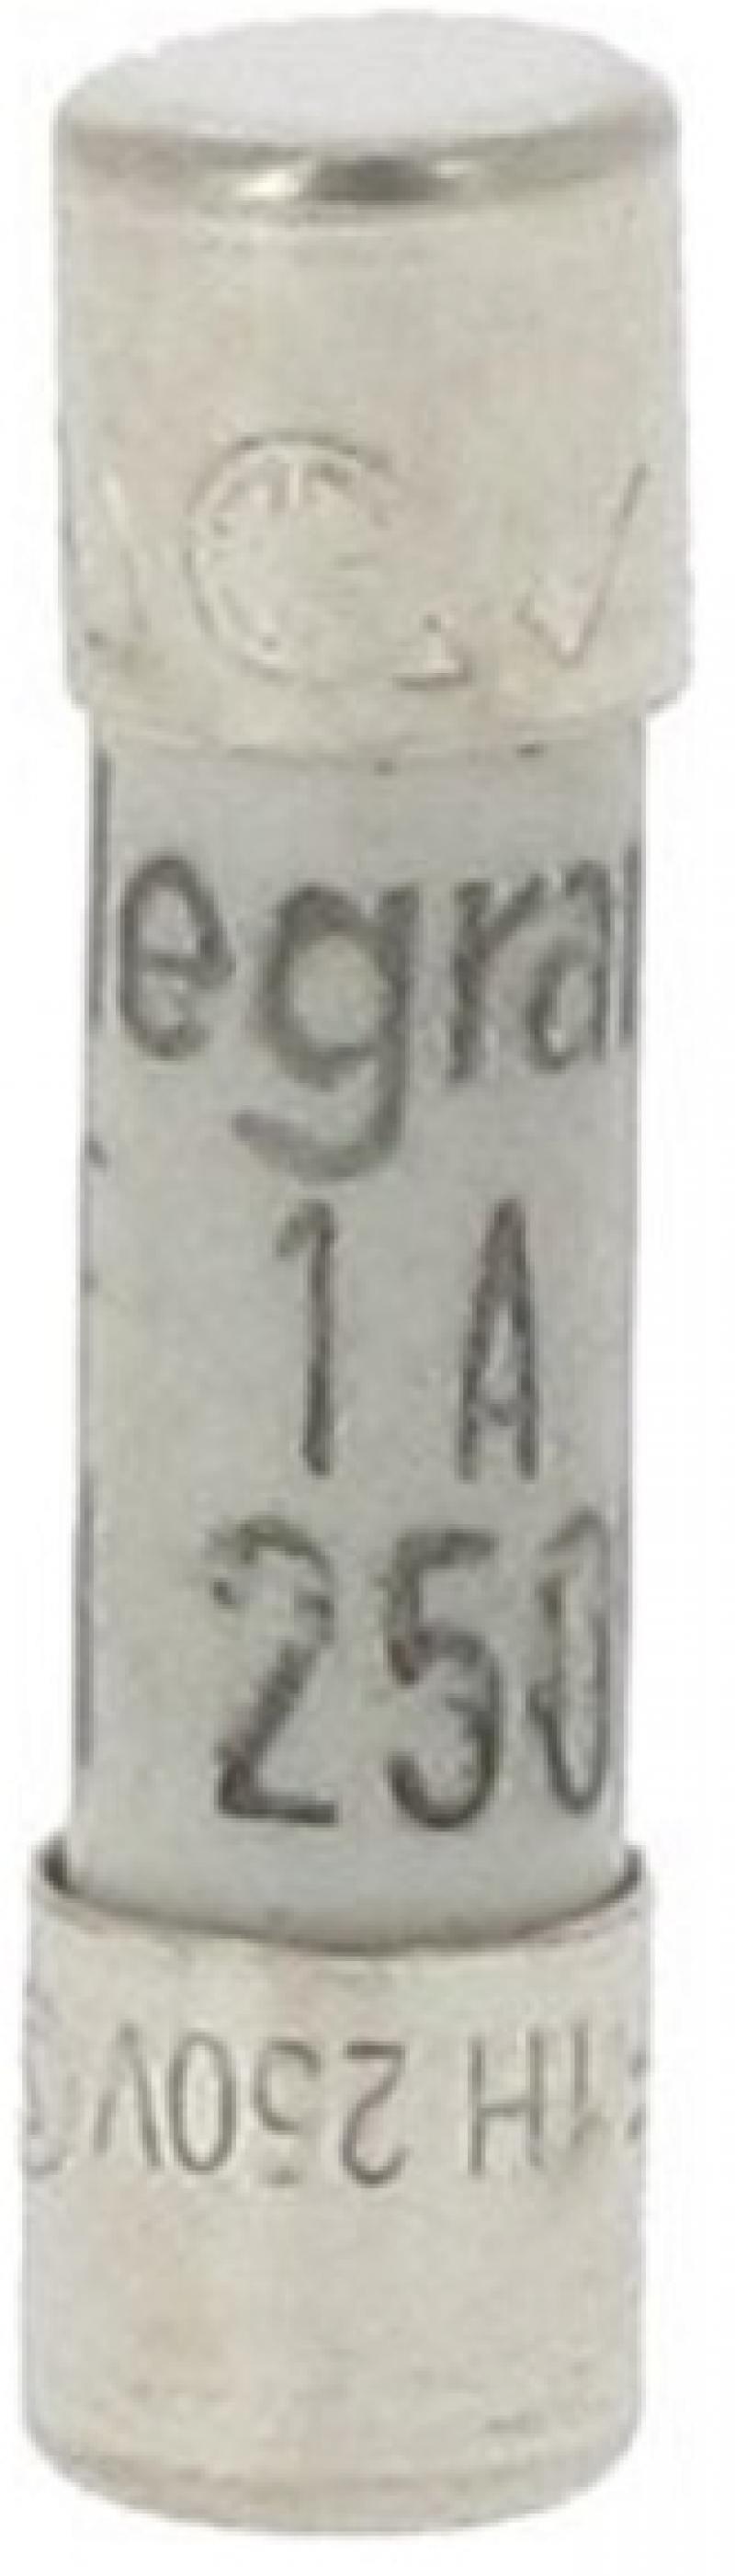 Плавкая вставка Legrand 10210